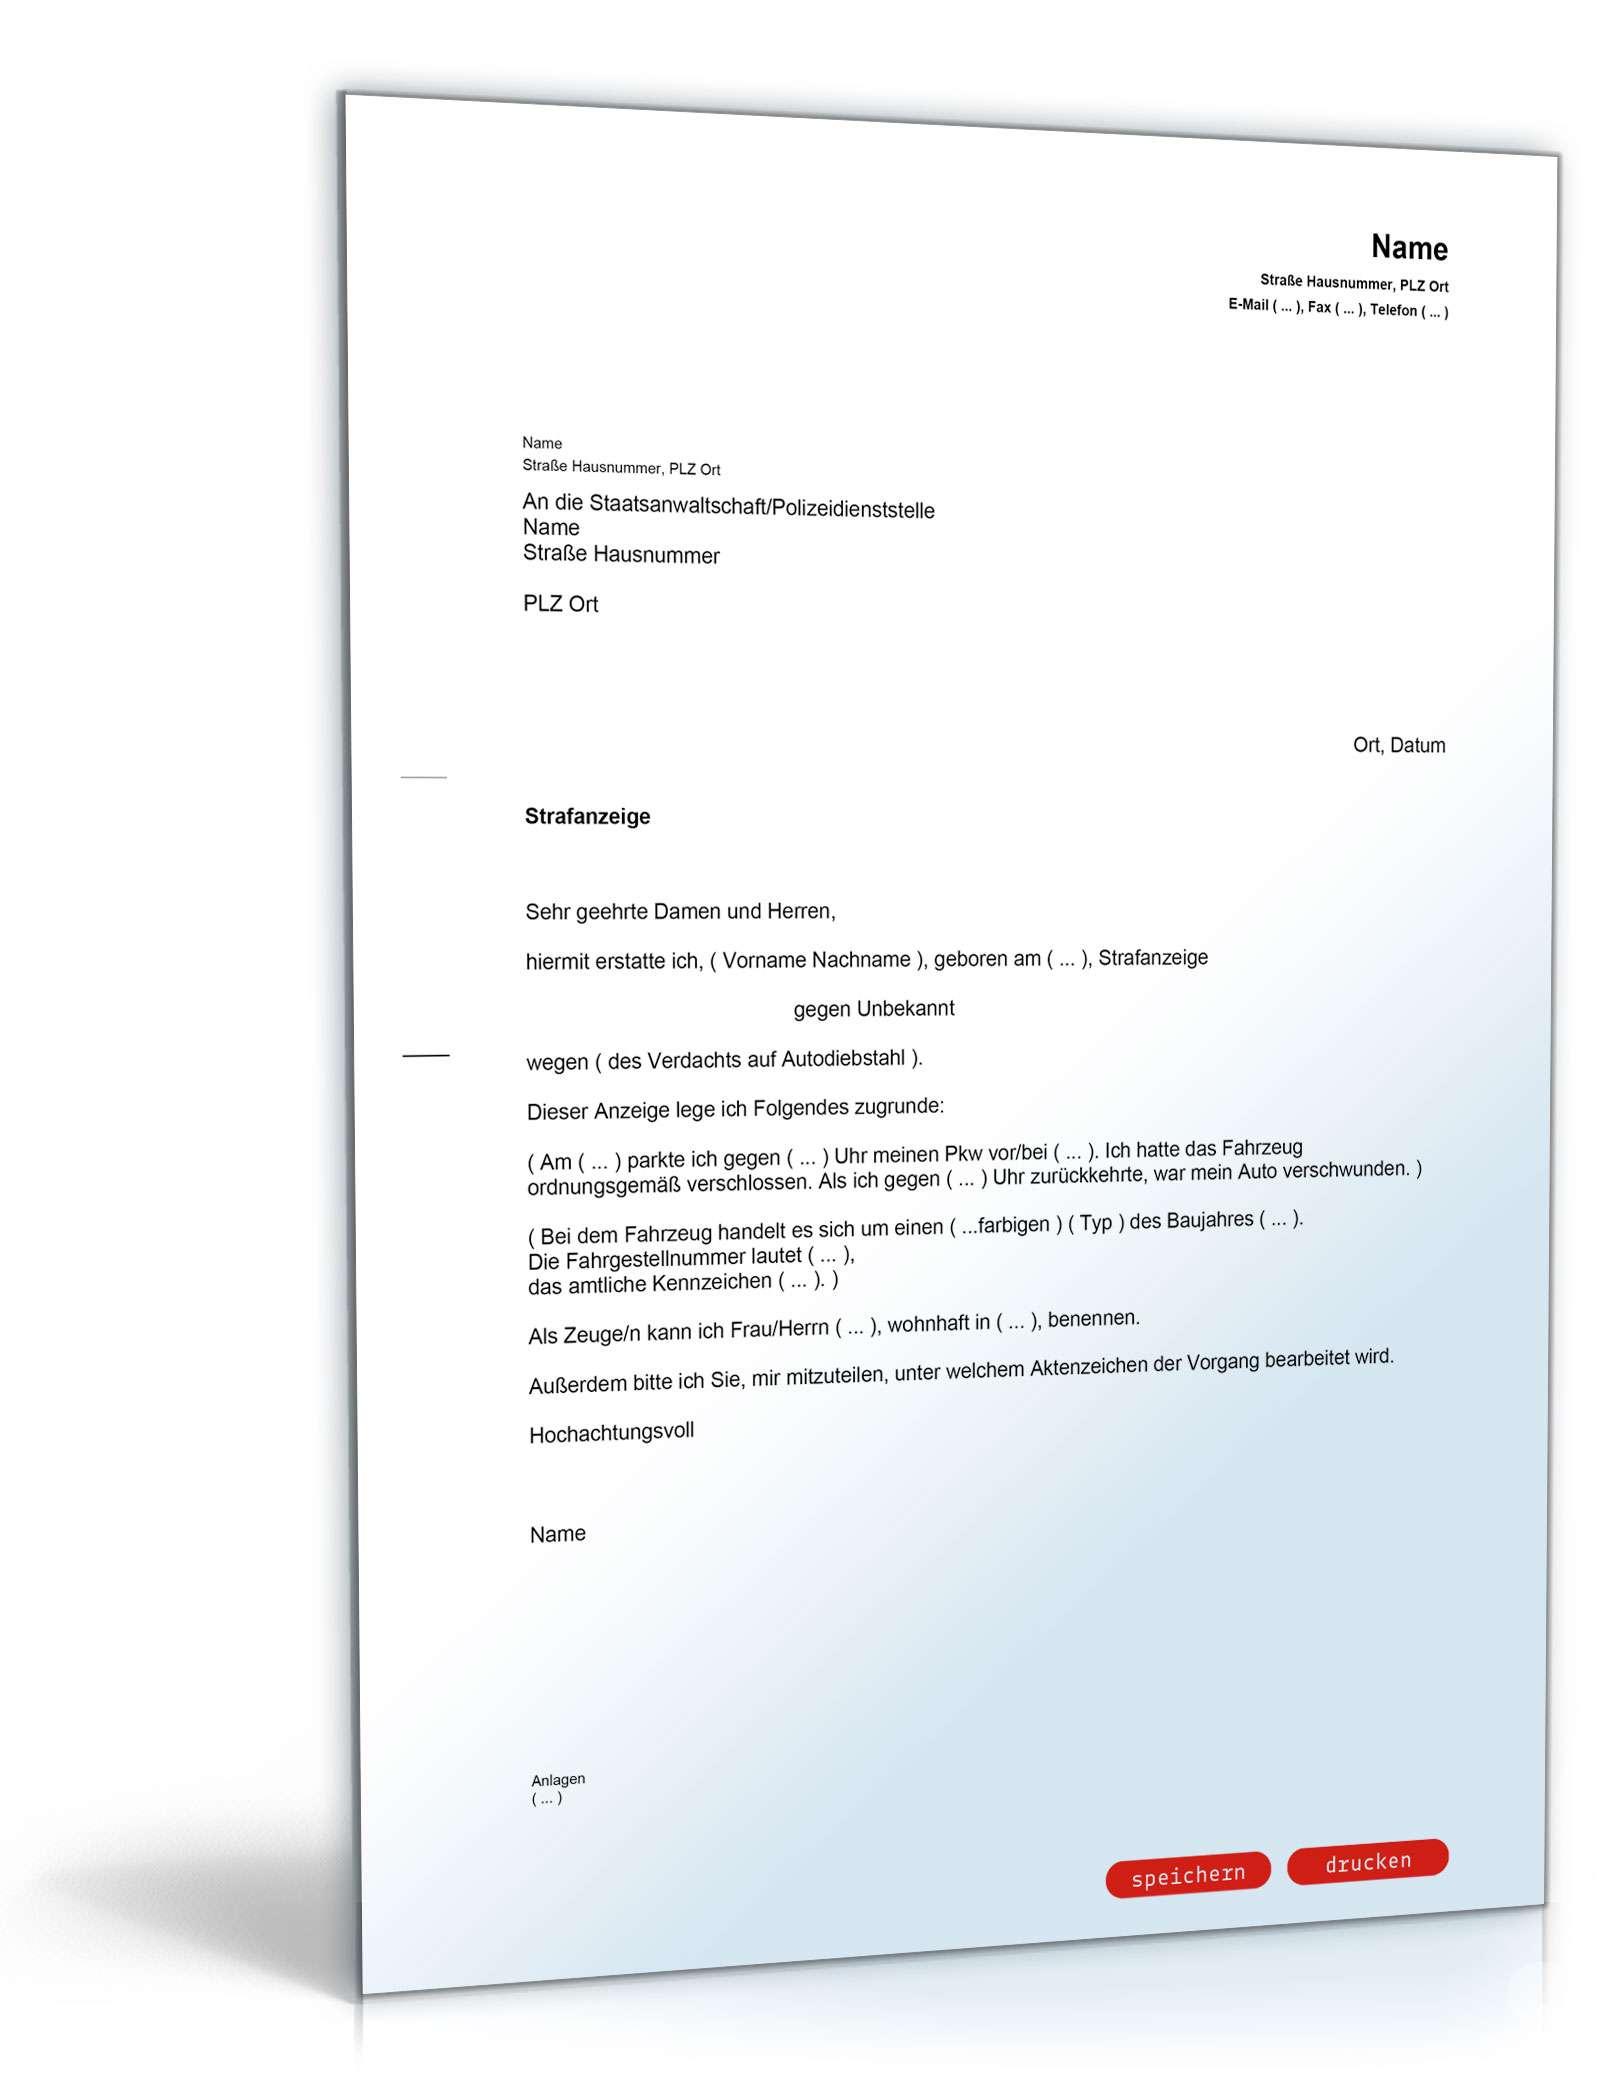 Fein Unfallprotokoll Buch Vorlage Bilder - Beispiel Wiederaufnahme ...